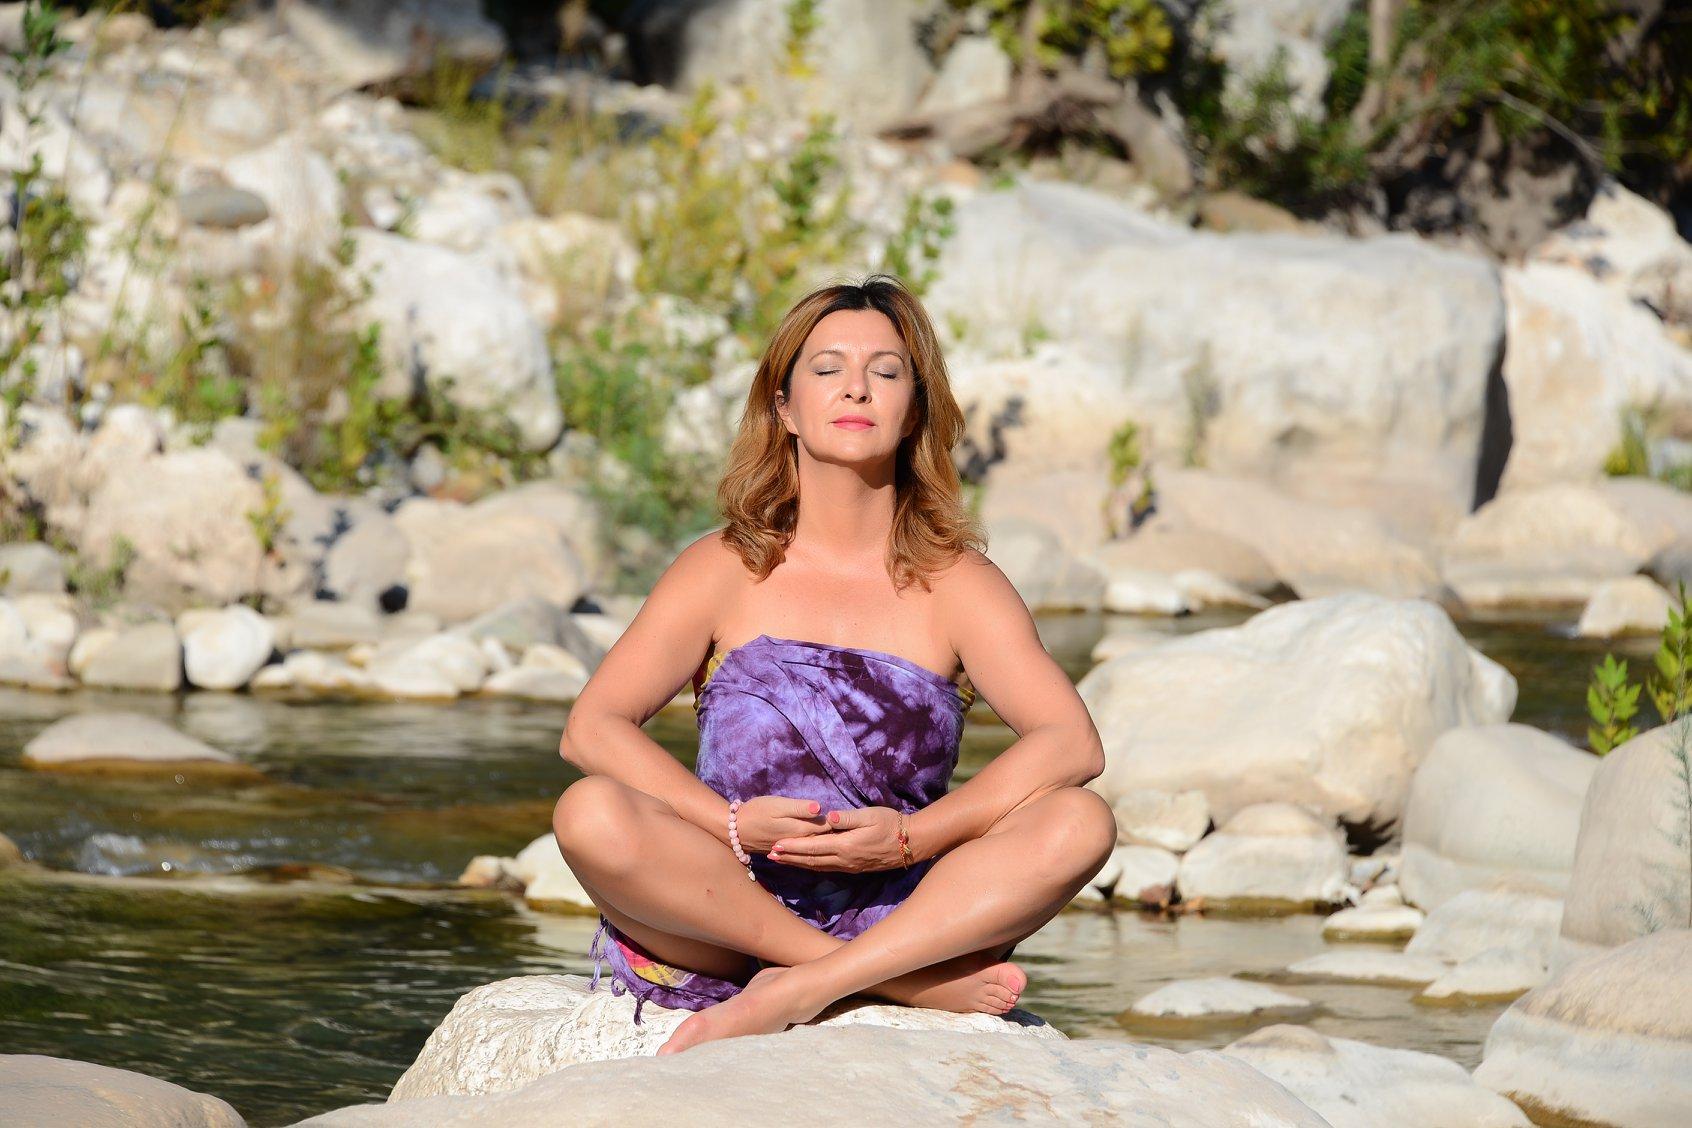 Spokój jest we mnie - warsztaty z praktycznej nauki mindfulnessu i medytacji